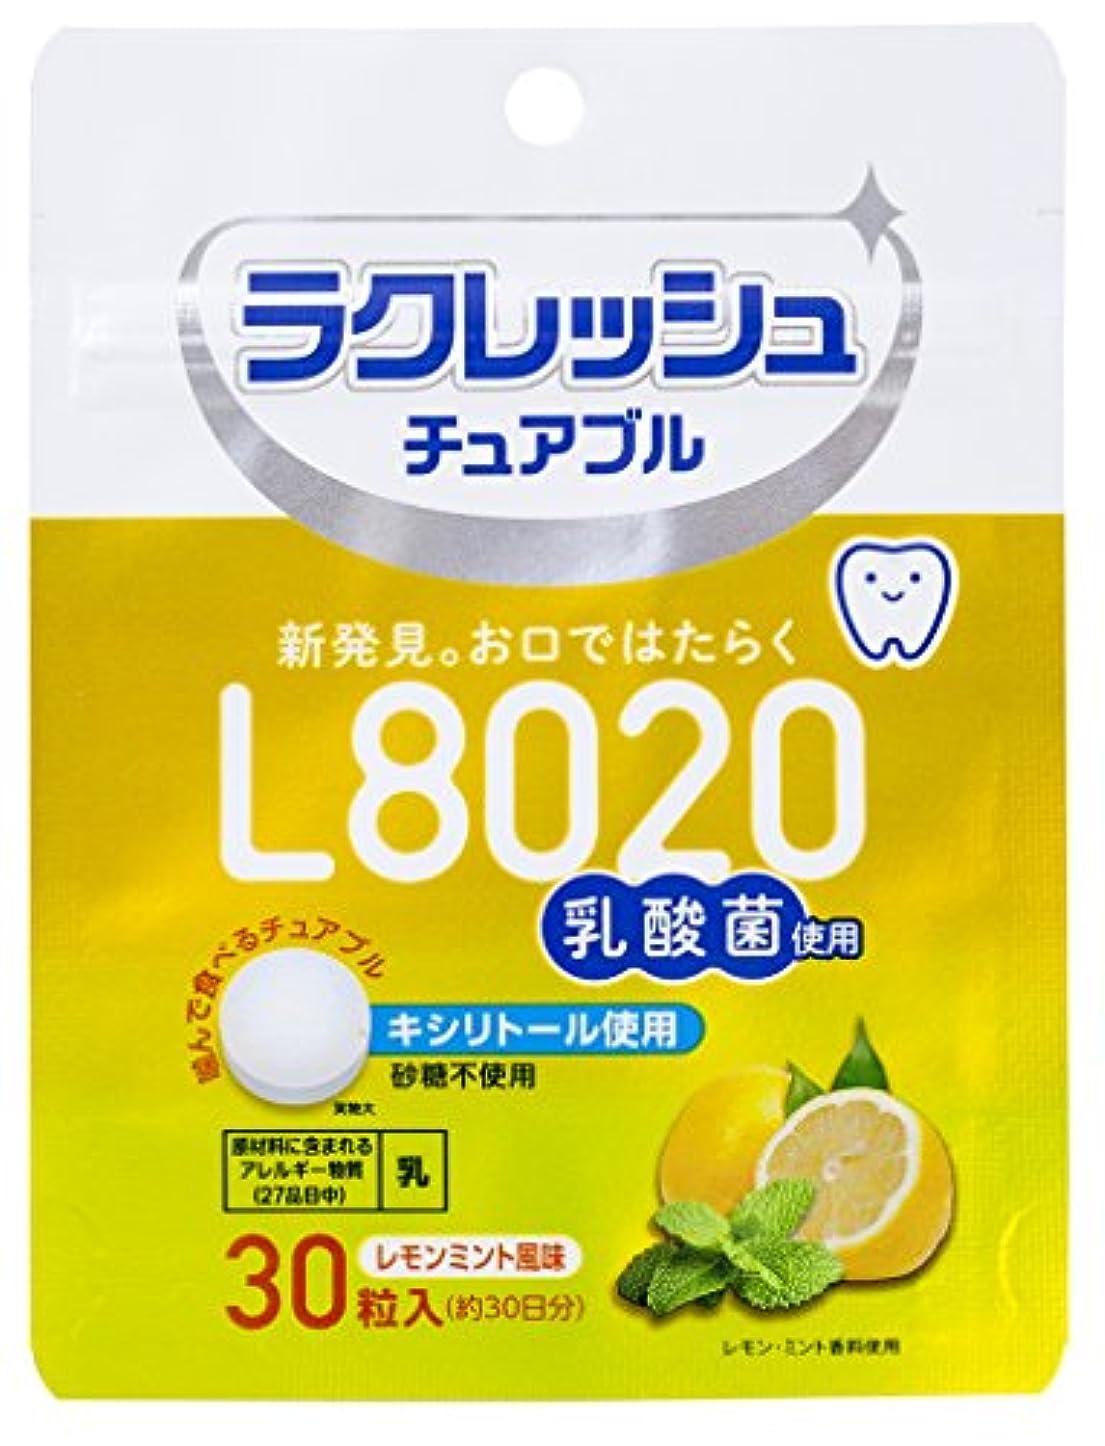 道に迷いましたダンプ広げるラクレッシュ L8020 乳酸菌 チュアブル レモンミント風味 オーラルケア 30粒入